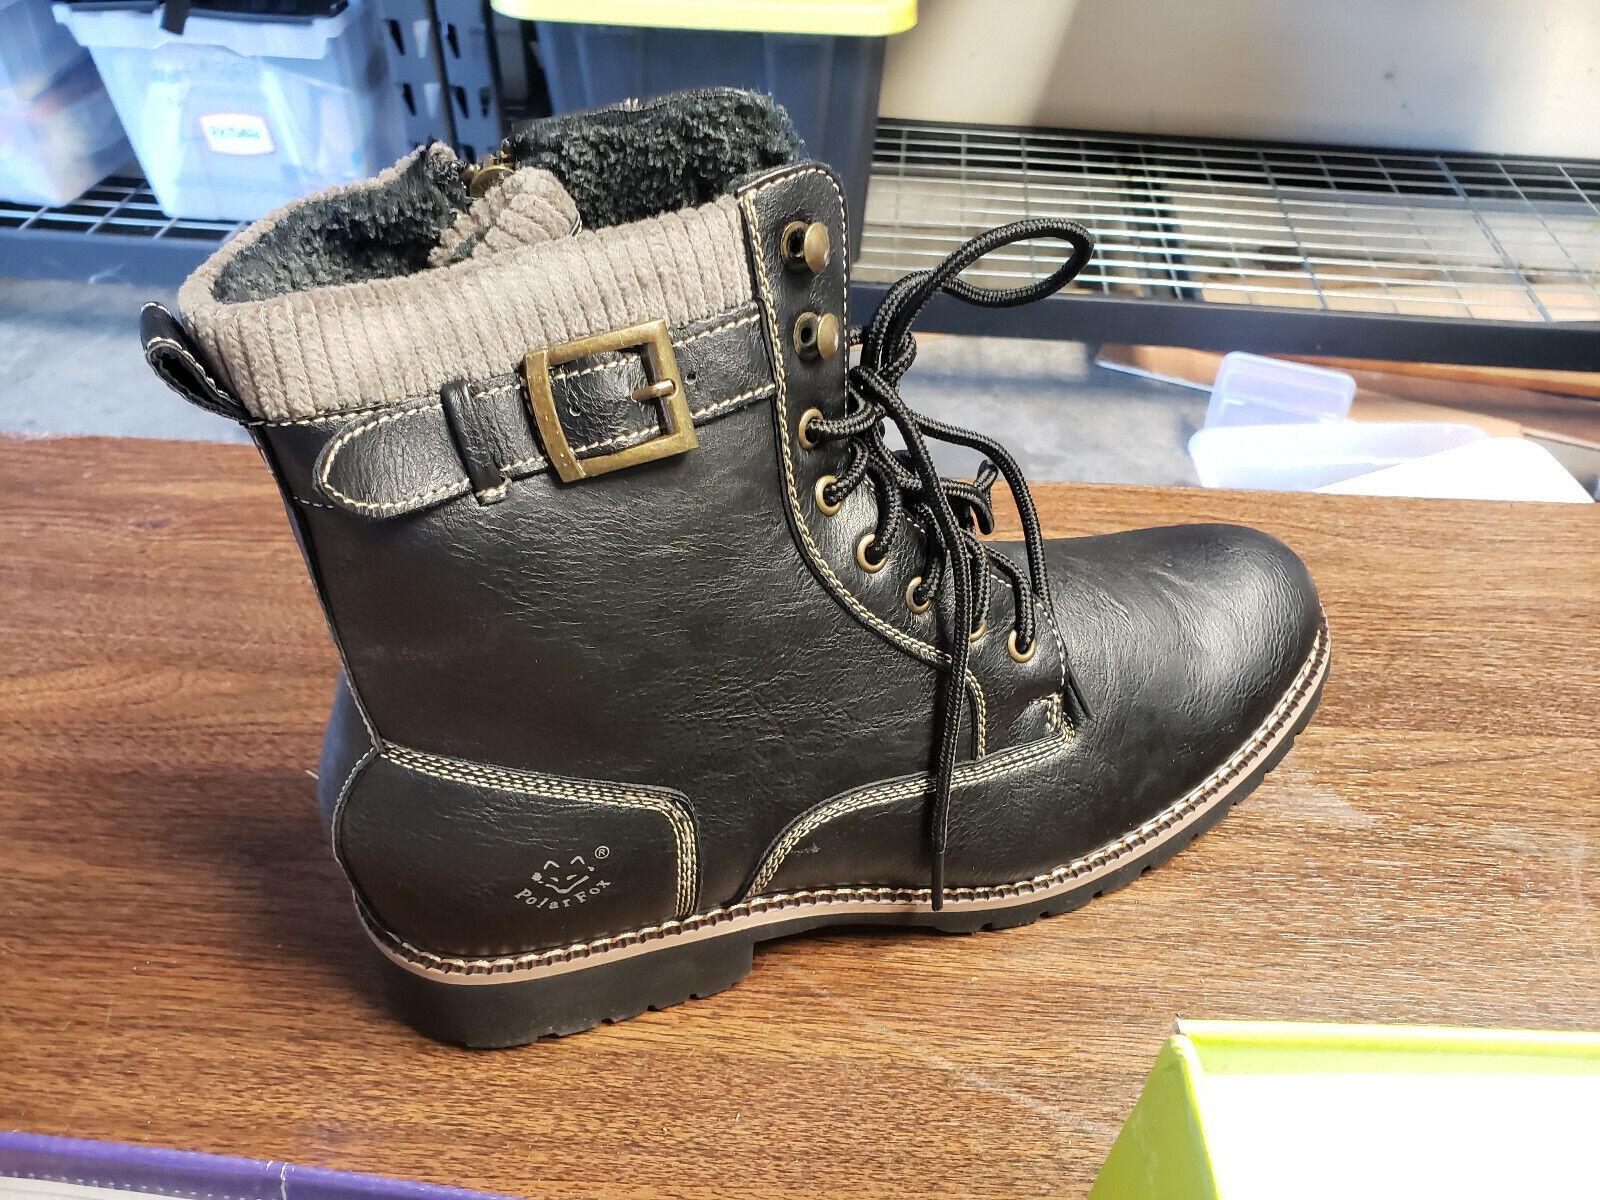 Polar Fox MPX808572F Boots Size 13 Swastika Prints RARE RECA